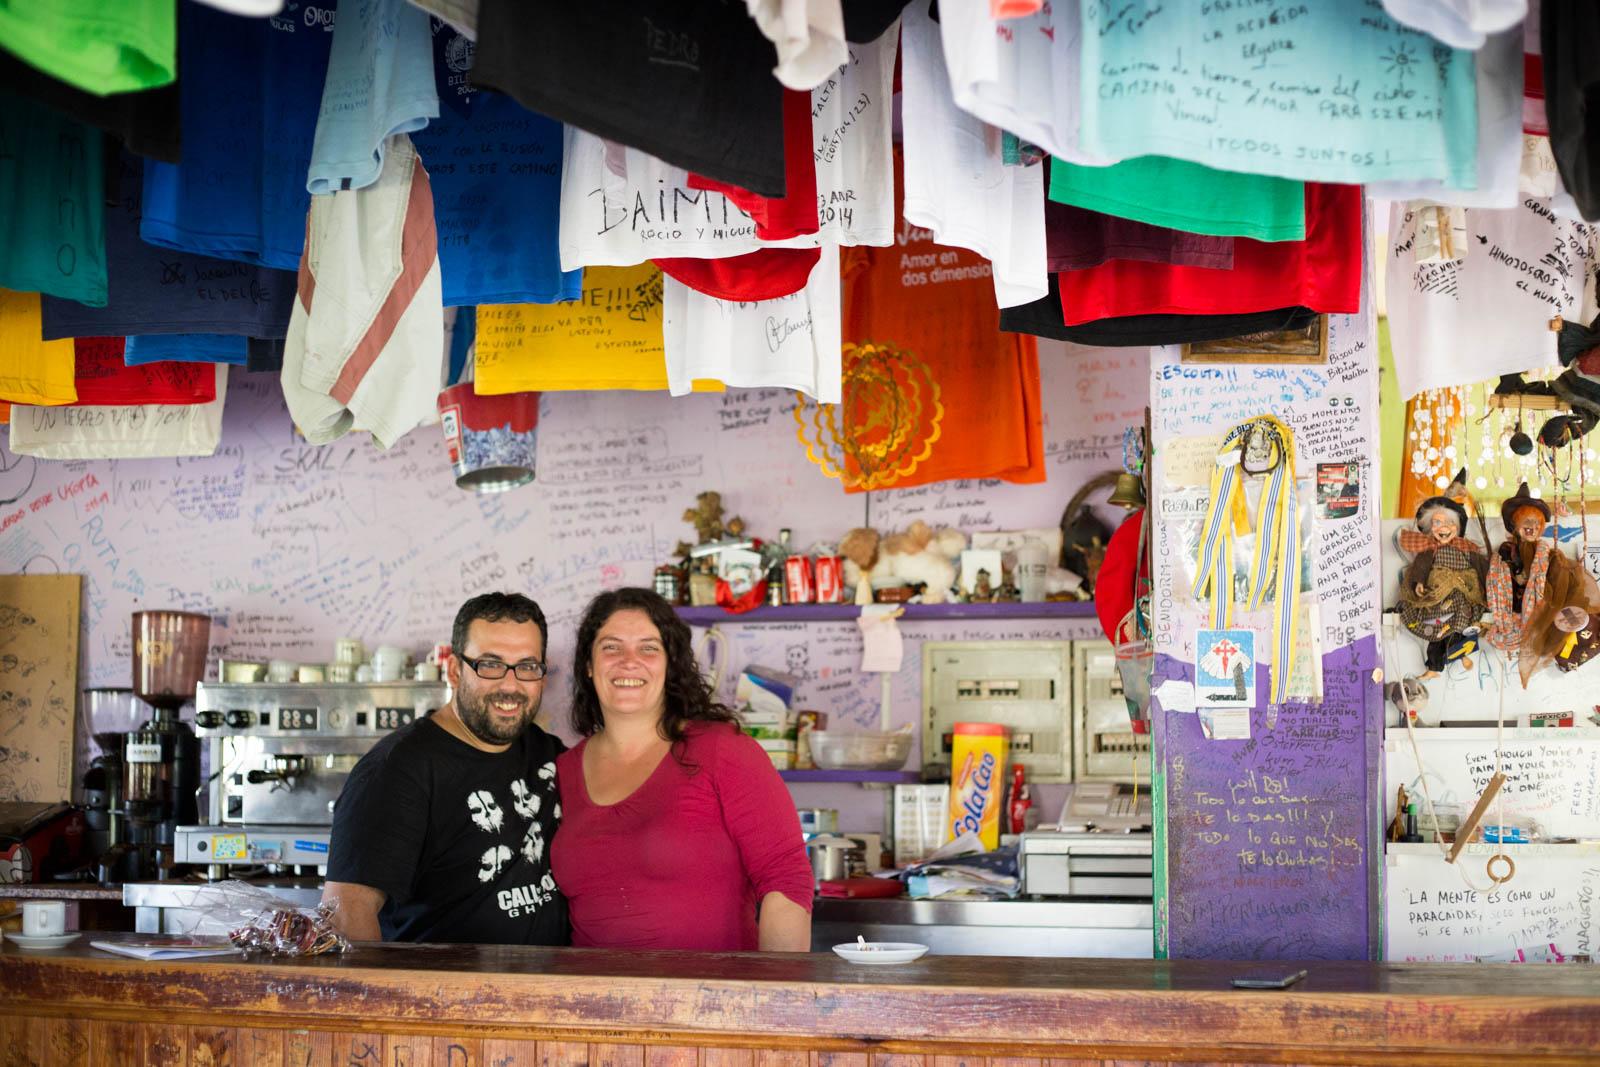 Sonia y Quiqueensu increible bar